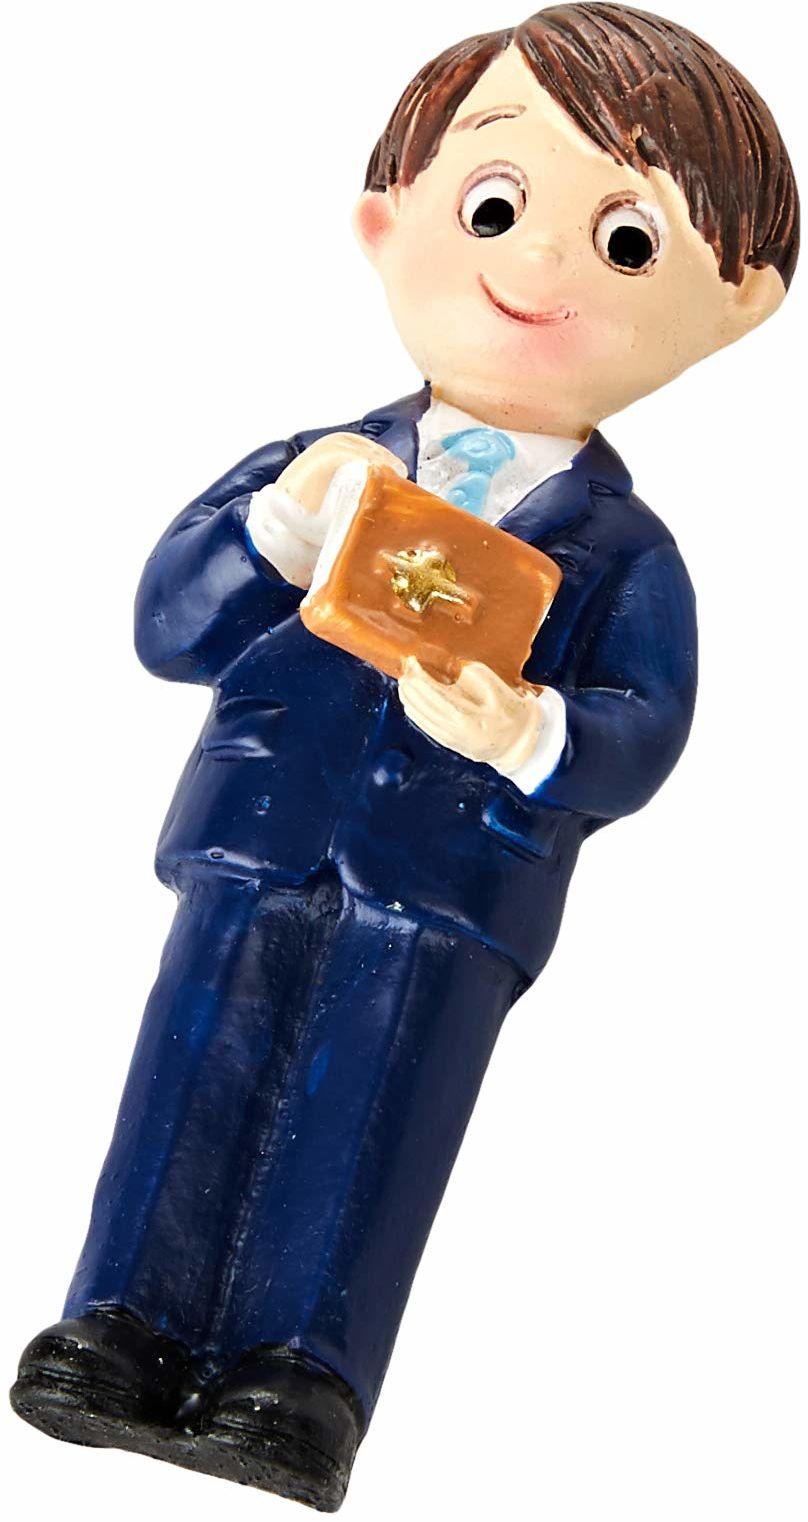 Mopec Z6730 magnes dla dzieci, komunia, garnitur, niebieski i biblijny, 6 cm, 12 sztuk, żywica syntetyczna, wielokolorowy, rozmiar uniwersalny